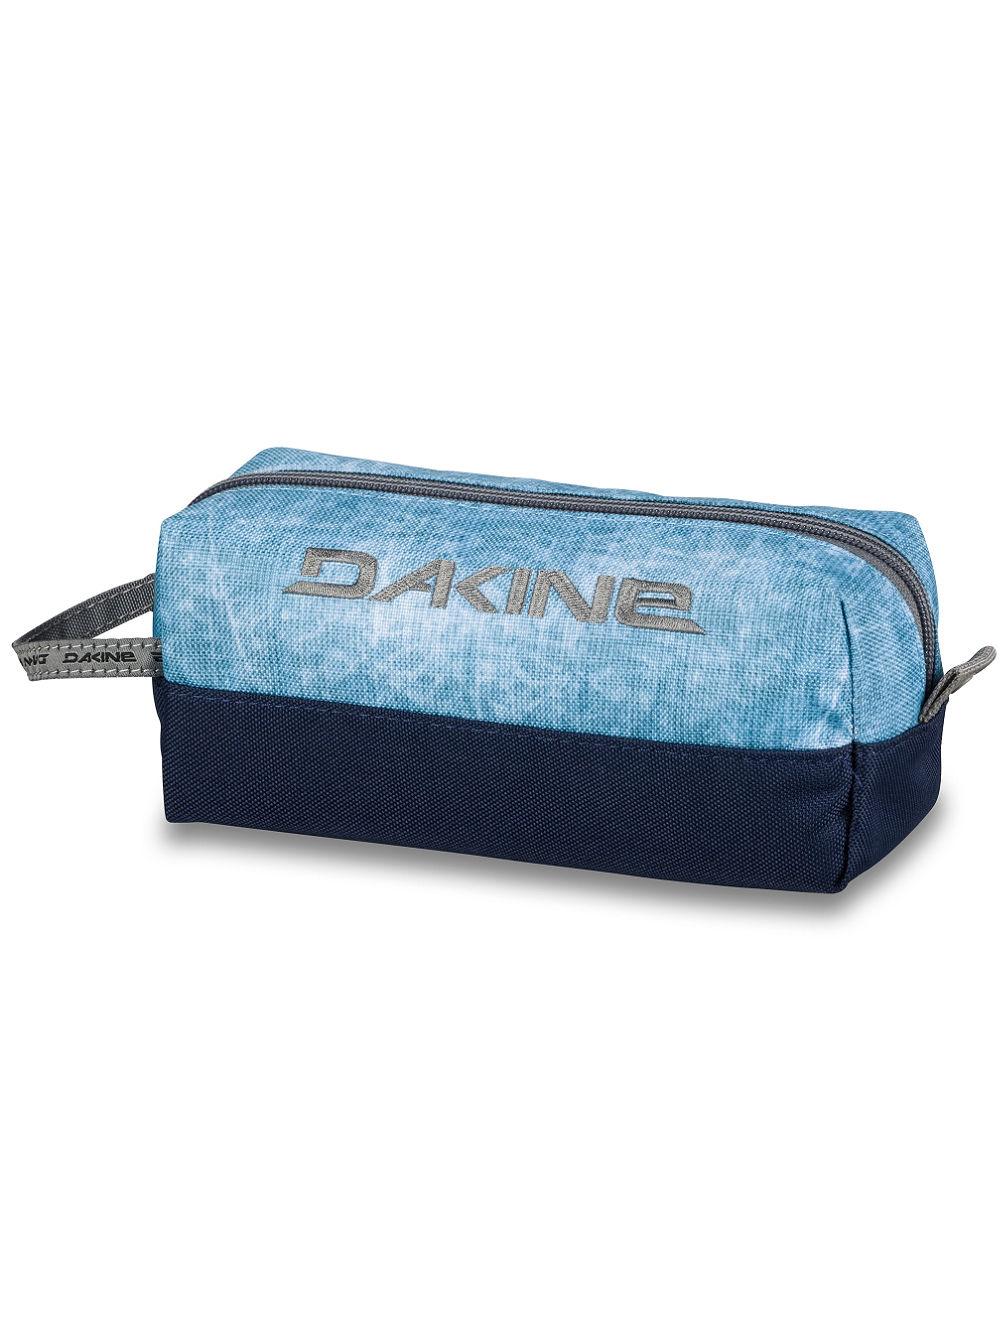 3083dc9b155fa Buy Dakine Accessory Pencil Case online at Blue Tomato